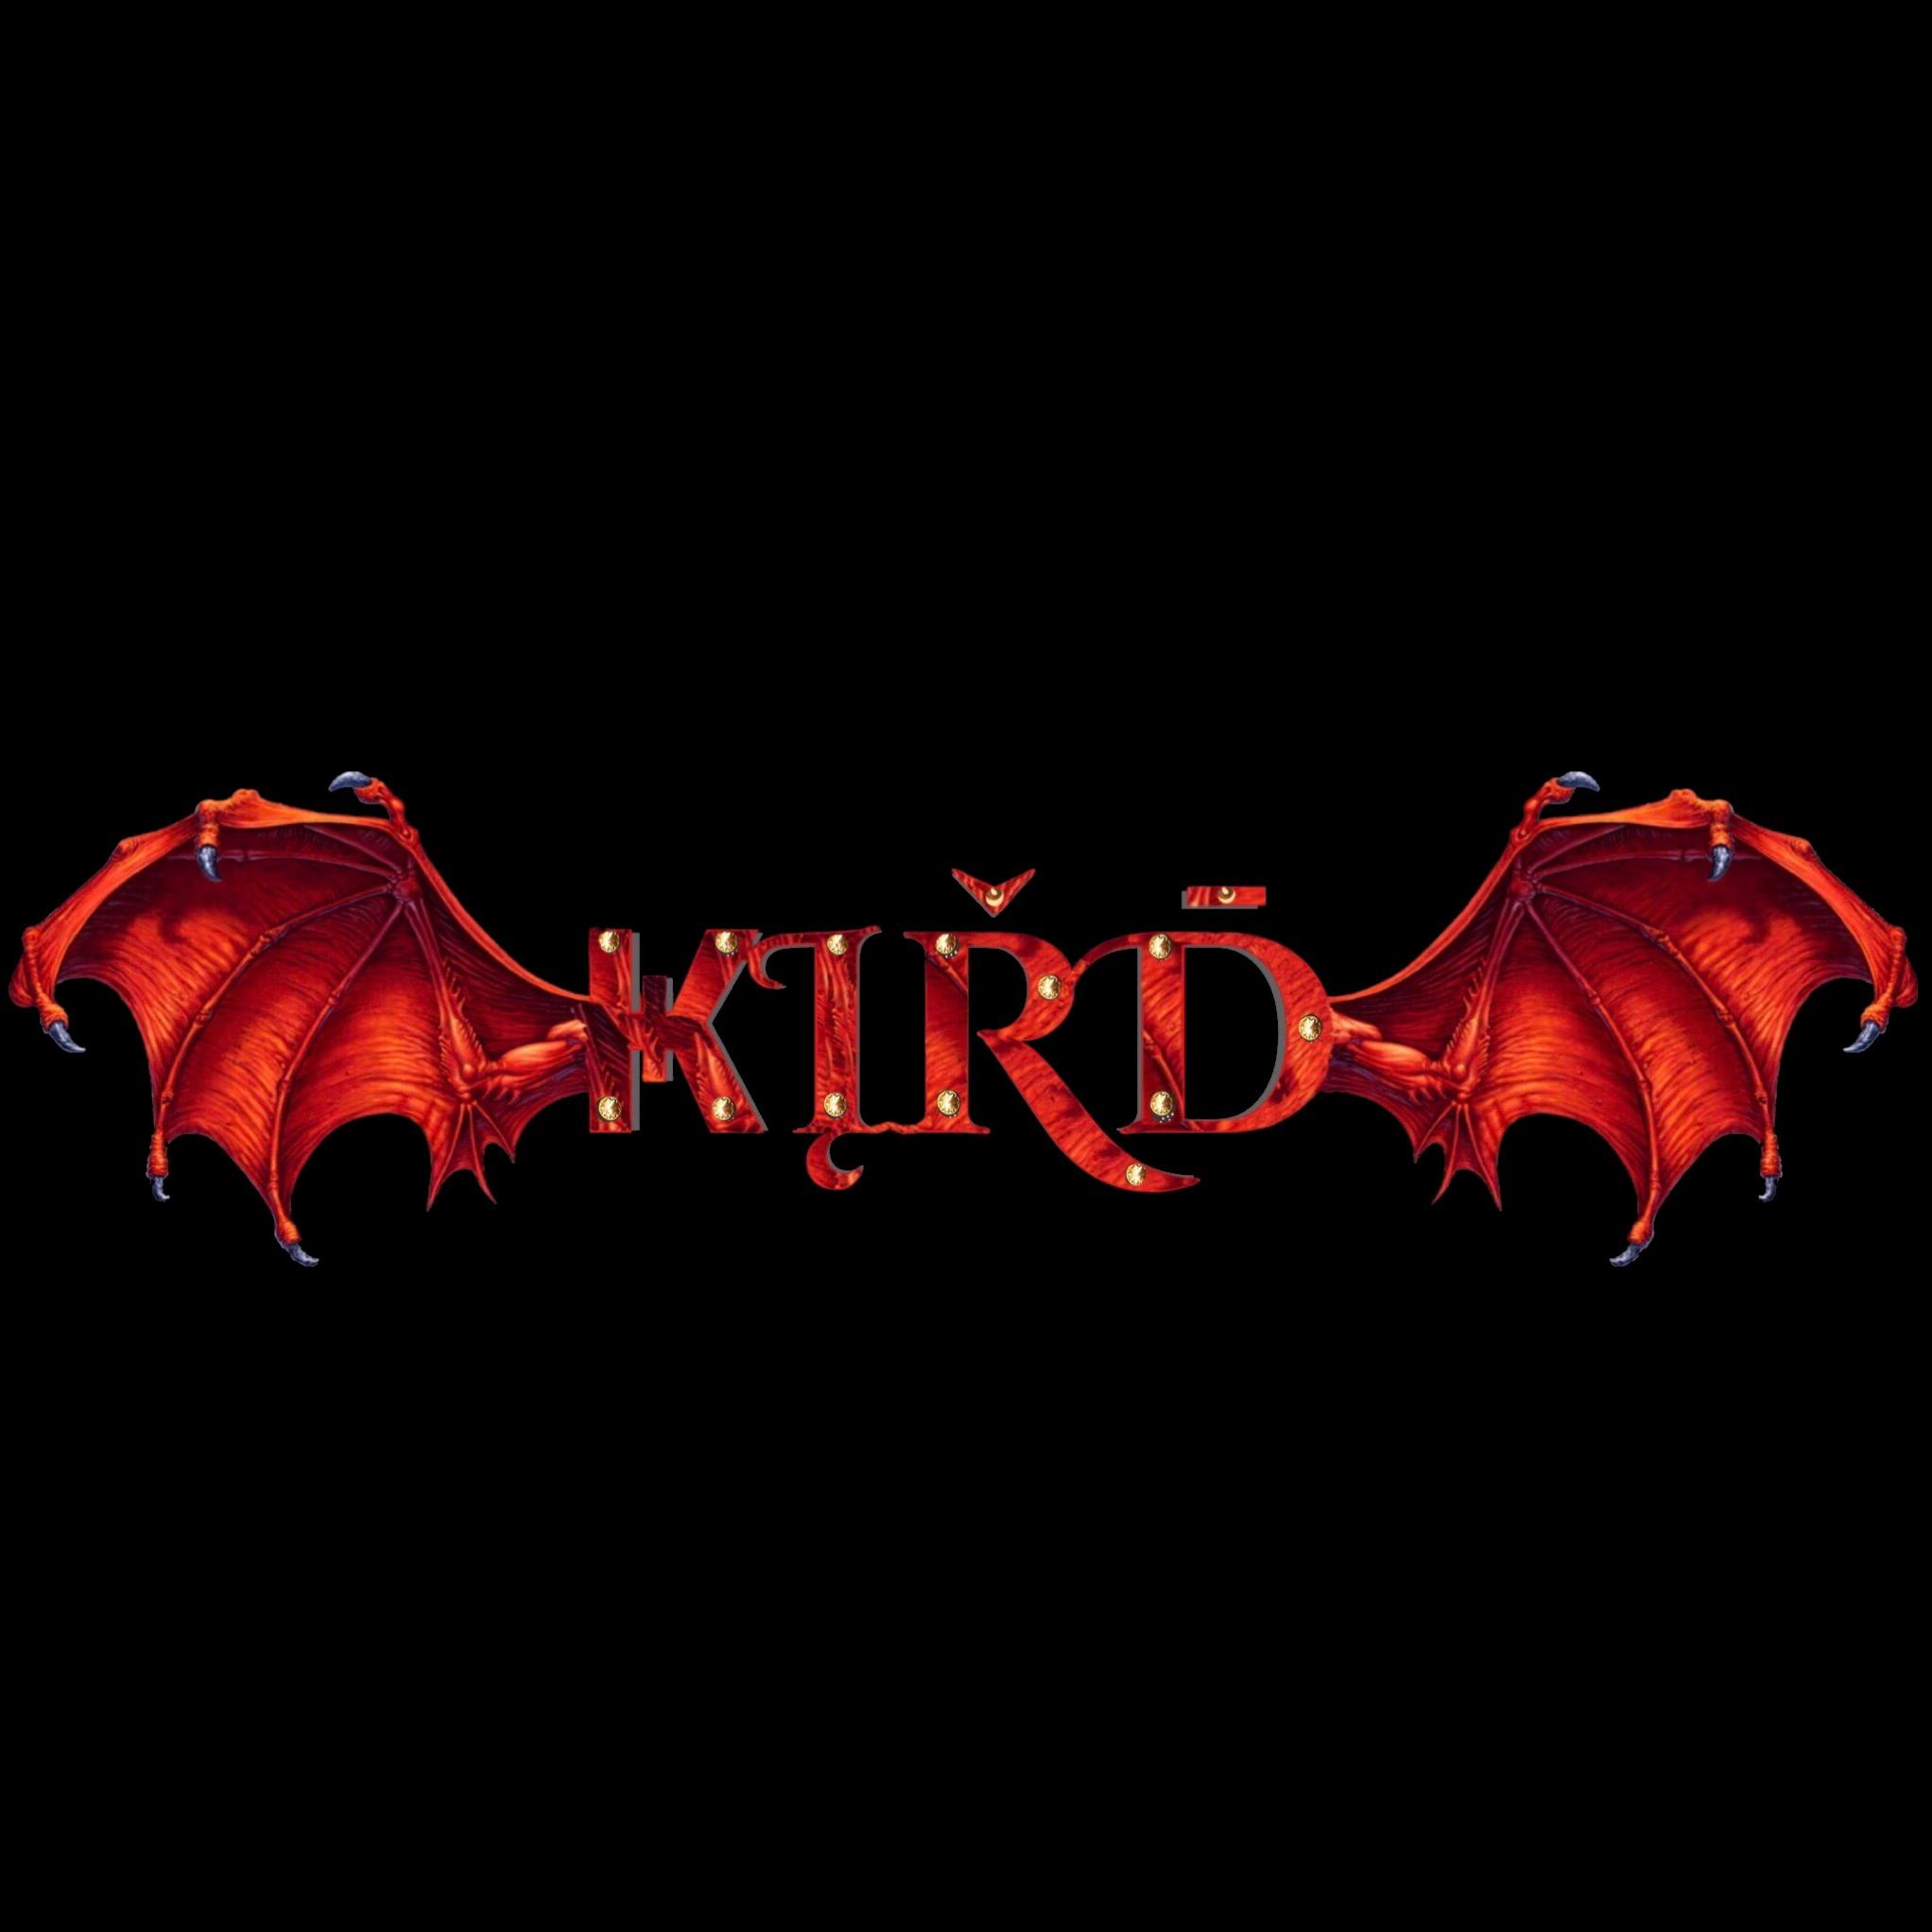 kird.myl2mr.com